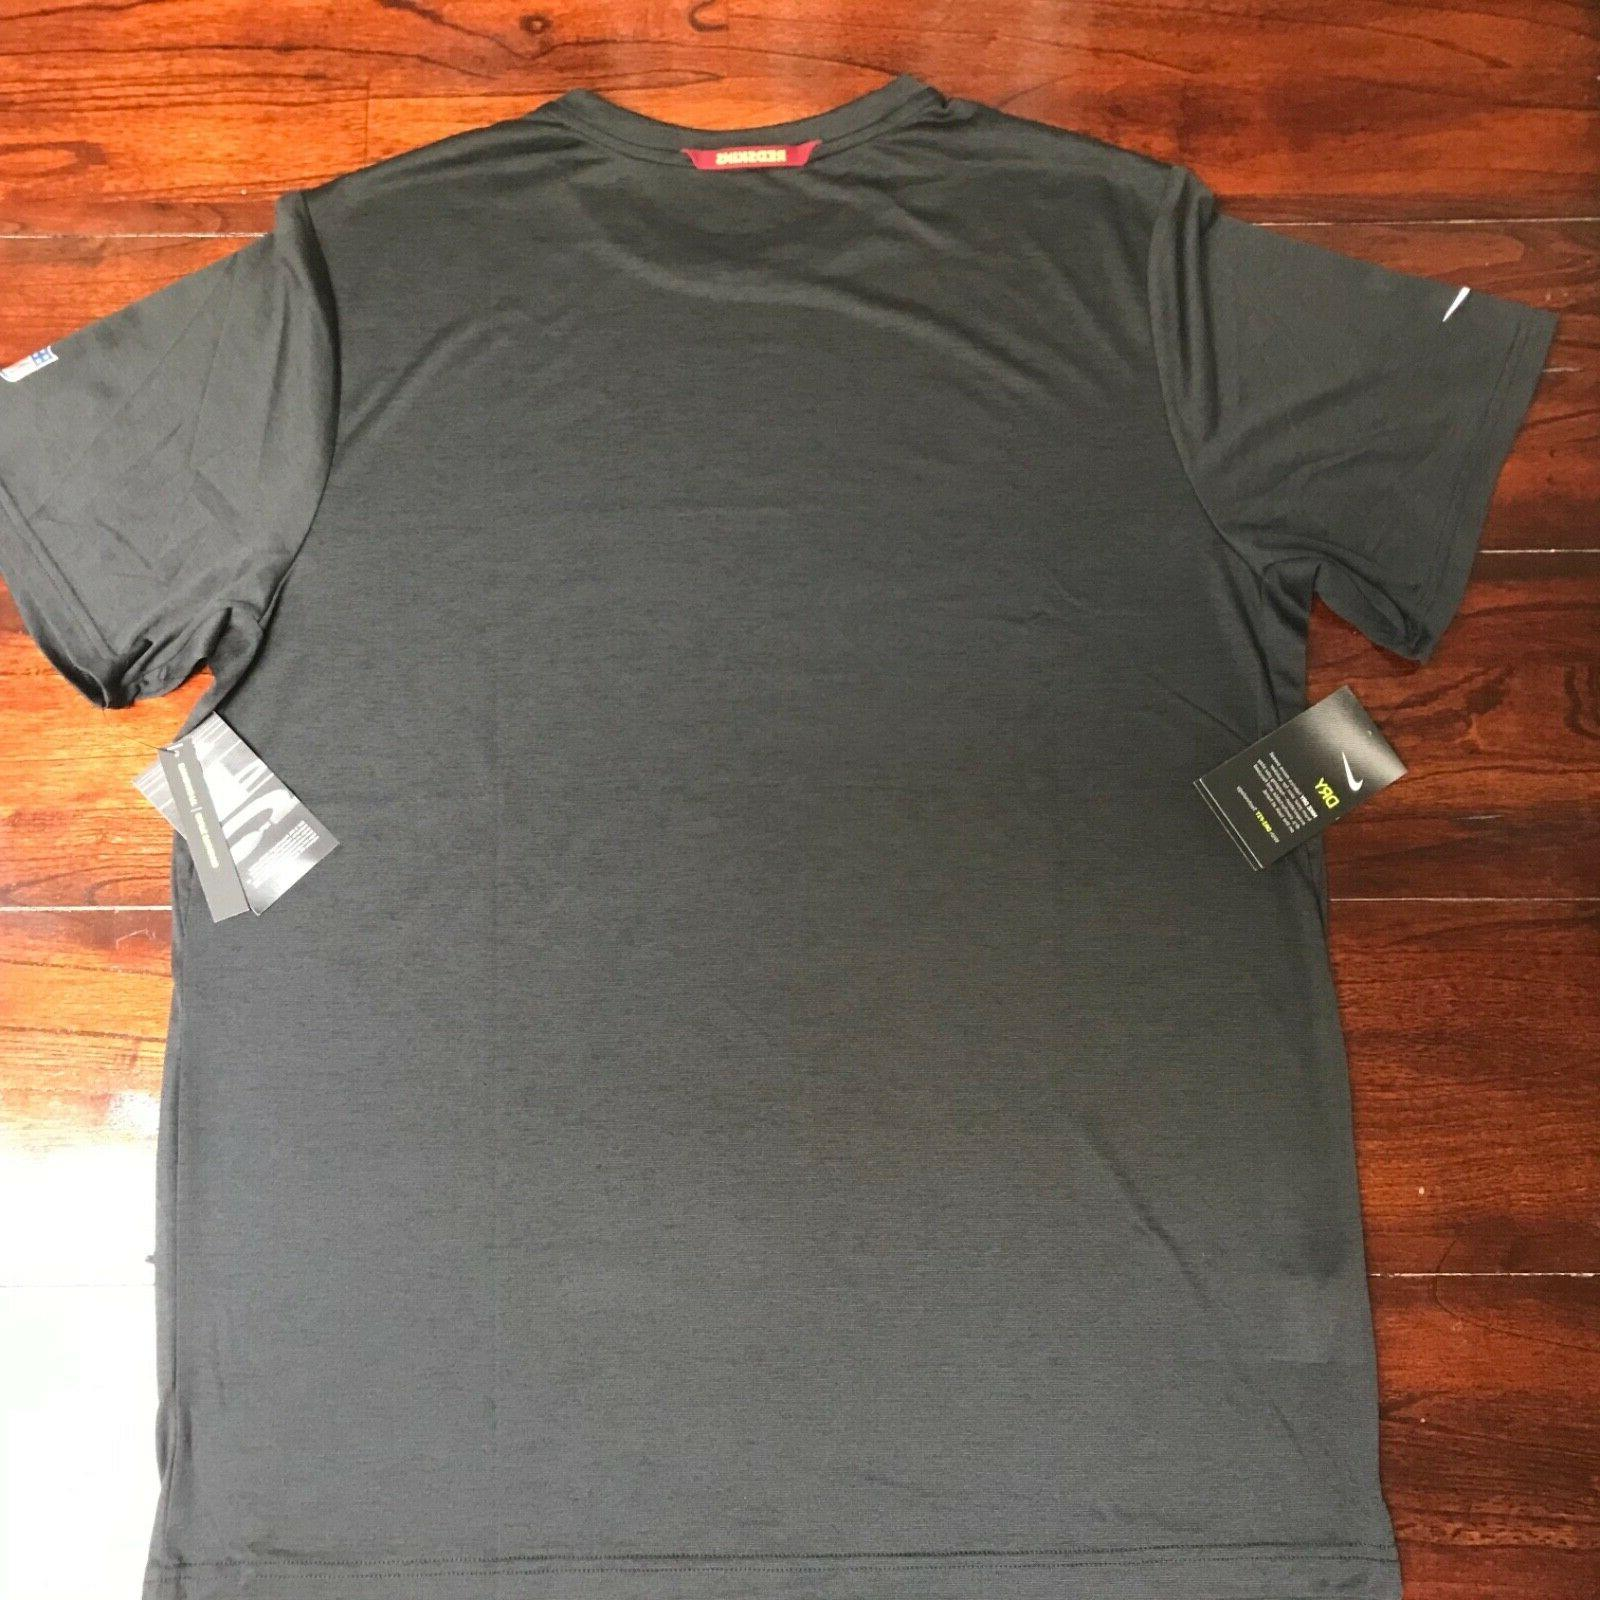 Washington Redskins On-Field T-Shirt Dri-Fit XL 906295-010 Black